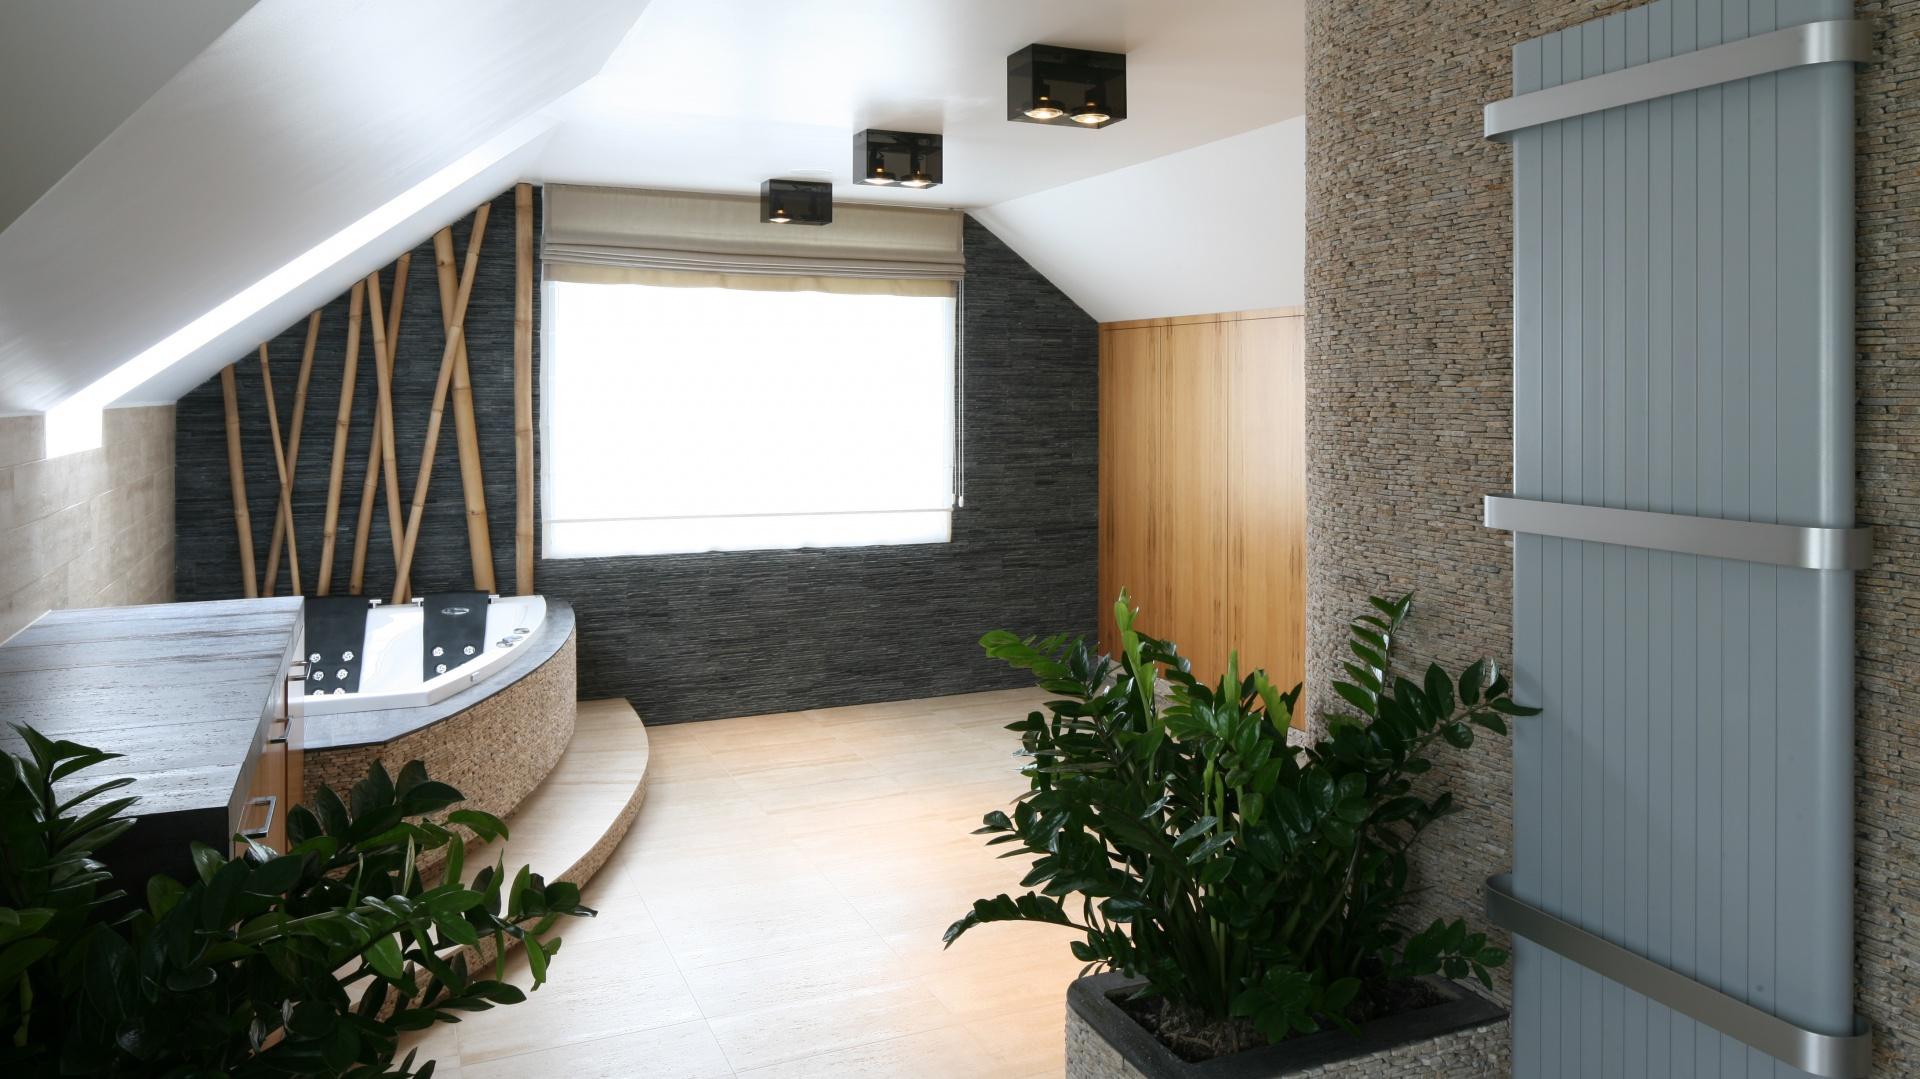 Duża, dwuosobowa wanna z hydromasażem  stanowi centrum strefy relaksu. Obudowa została wykończona kamienną mozaiką, a łodygi bambusów w roli dekoracji podkreślają naturalny styl aranżacji. Projekt: Karolina Łuczyńska. Fot. Bartosz Jarosz.